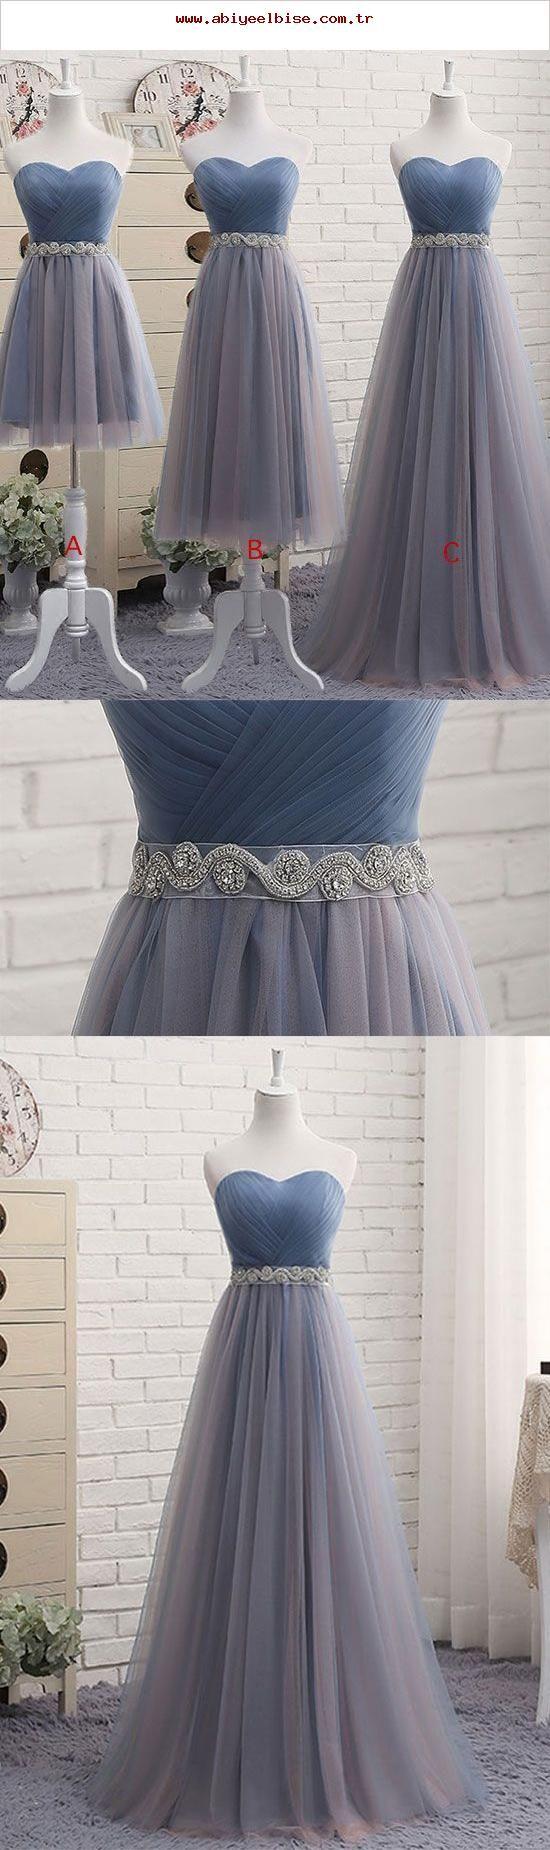 Langes und kurzes Abendkleid, Brautjungfernkleider, Abschlussfeier …